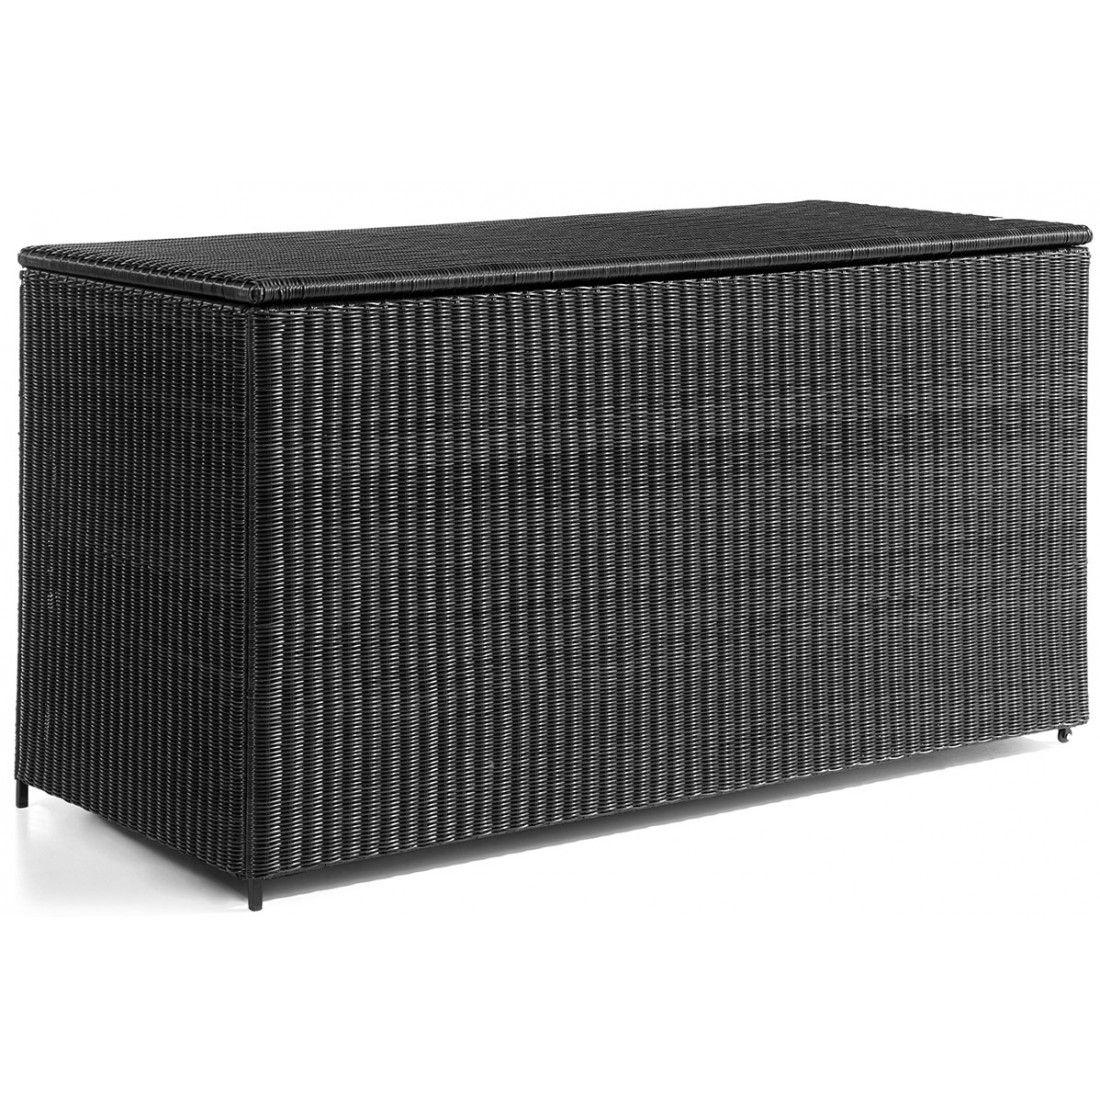 Coffre de rangement 160 cm aluminium et résine tressée noire, Firenze